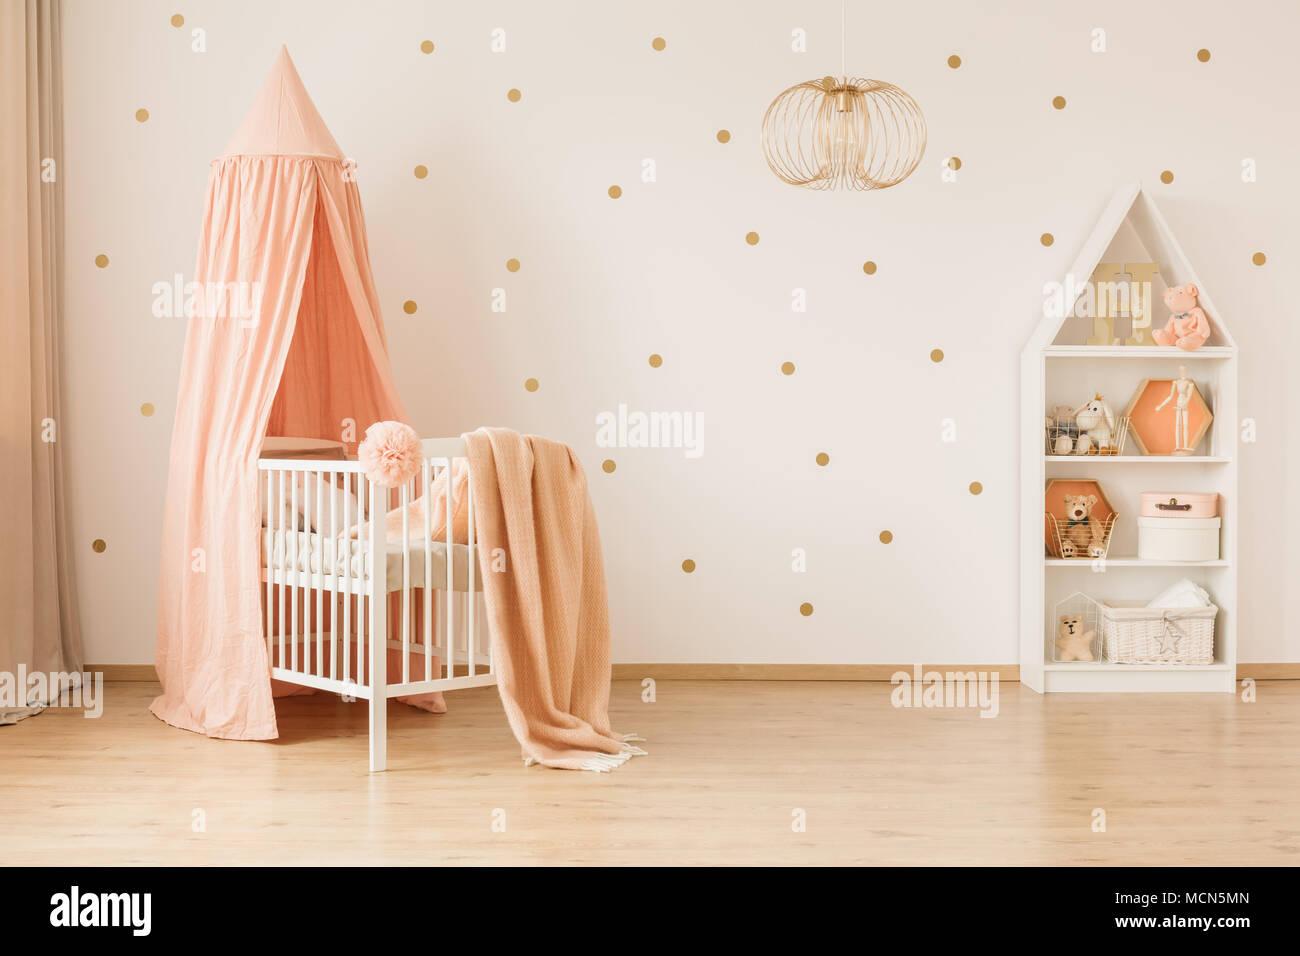 Lampe Du0027or Dans La Grande Chambre De Bébé à La Crèche De Lu0027intérieur Rose  Contre Le Papier Peint